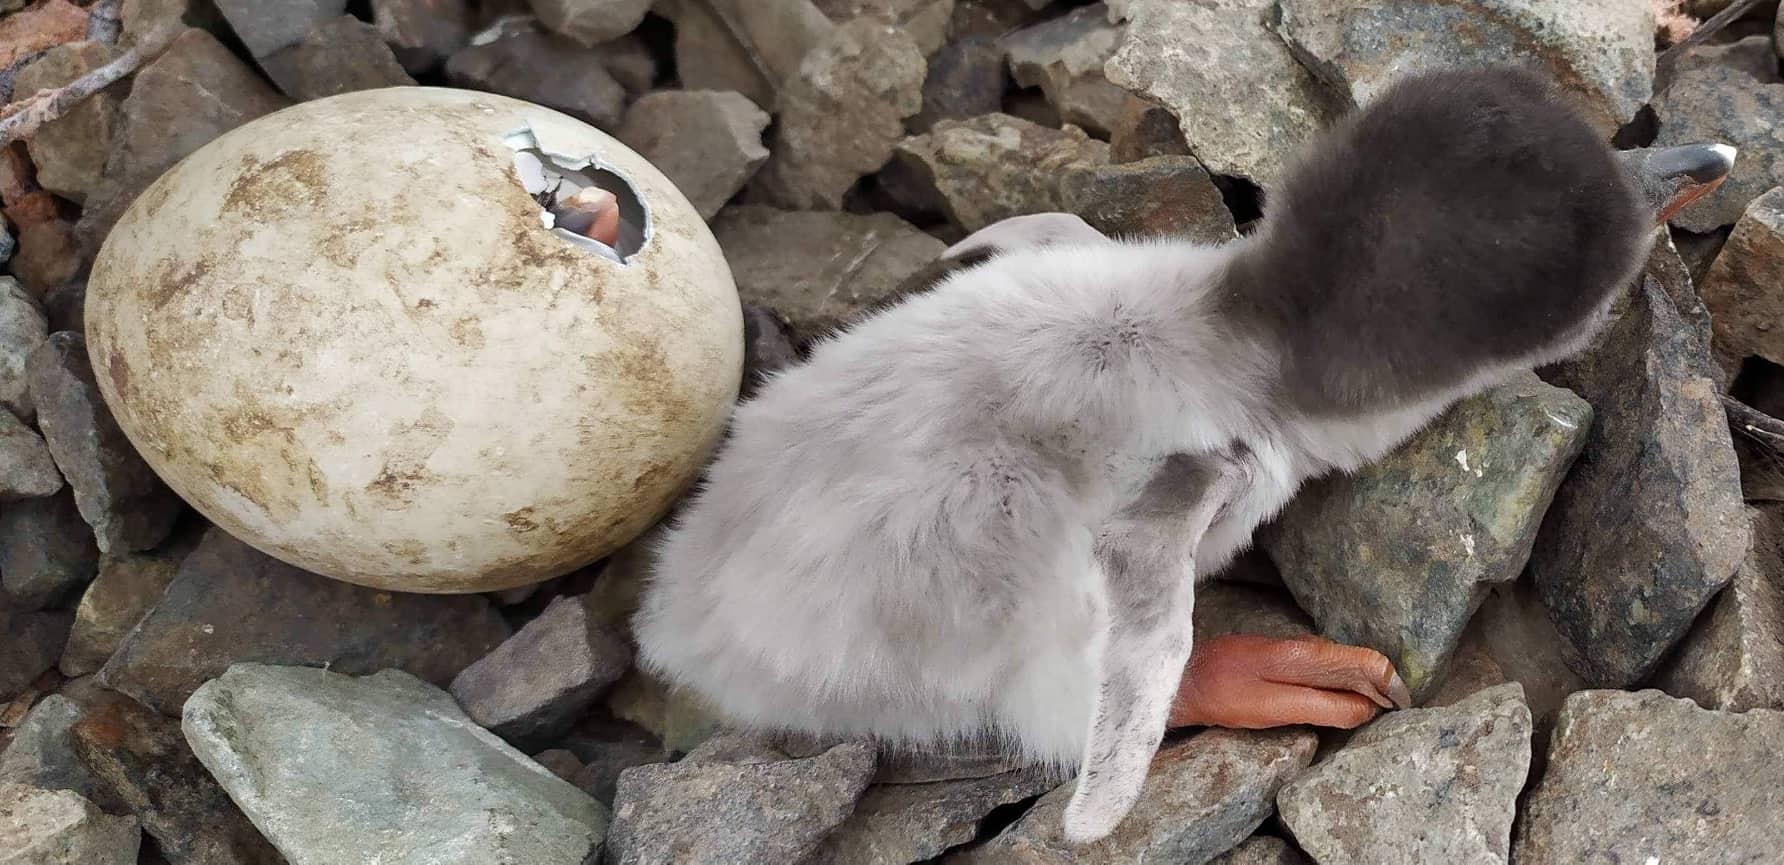 Біля станції «Академік Вернадський» з'явились малюки дженту - Птахи, природа, Антарктика - Pingvin2